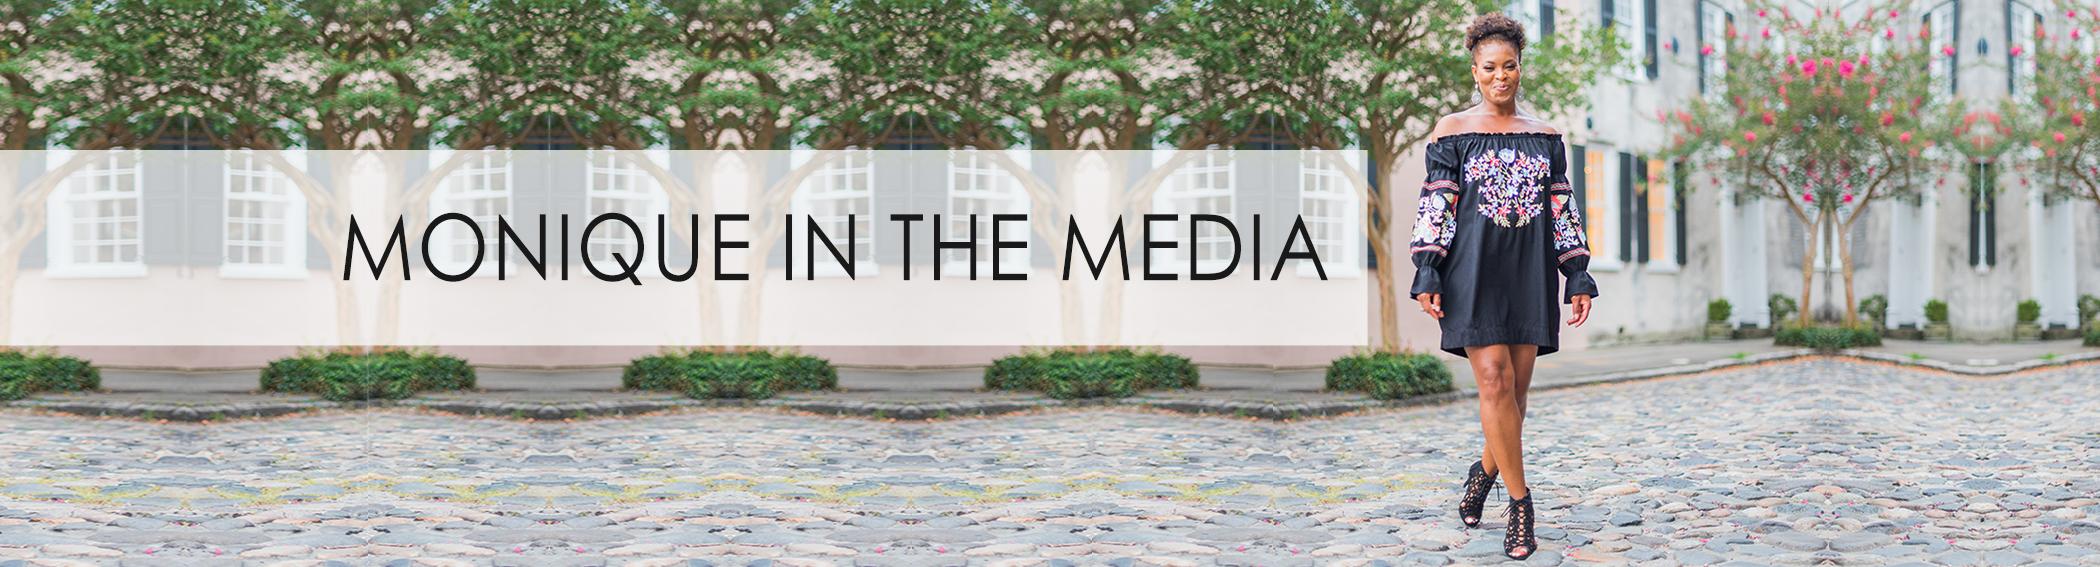 monique-in-the-media